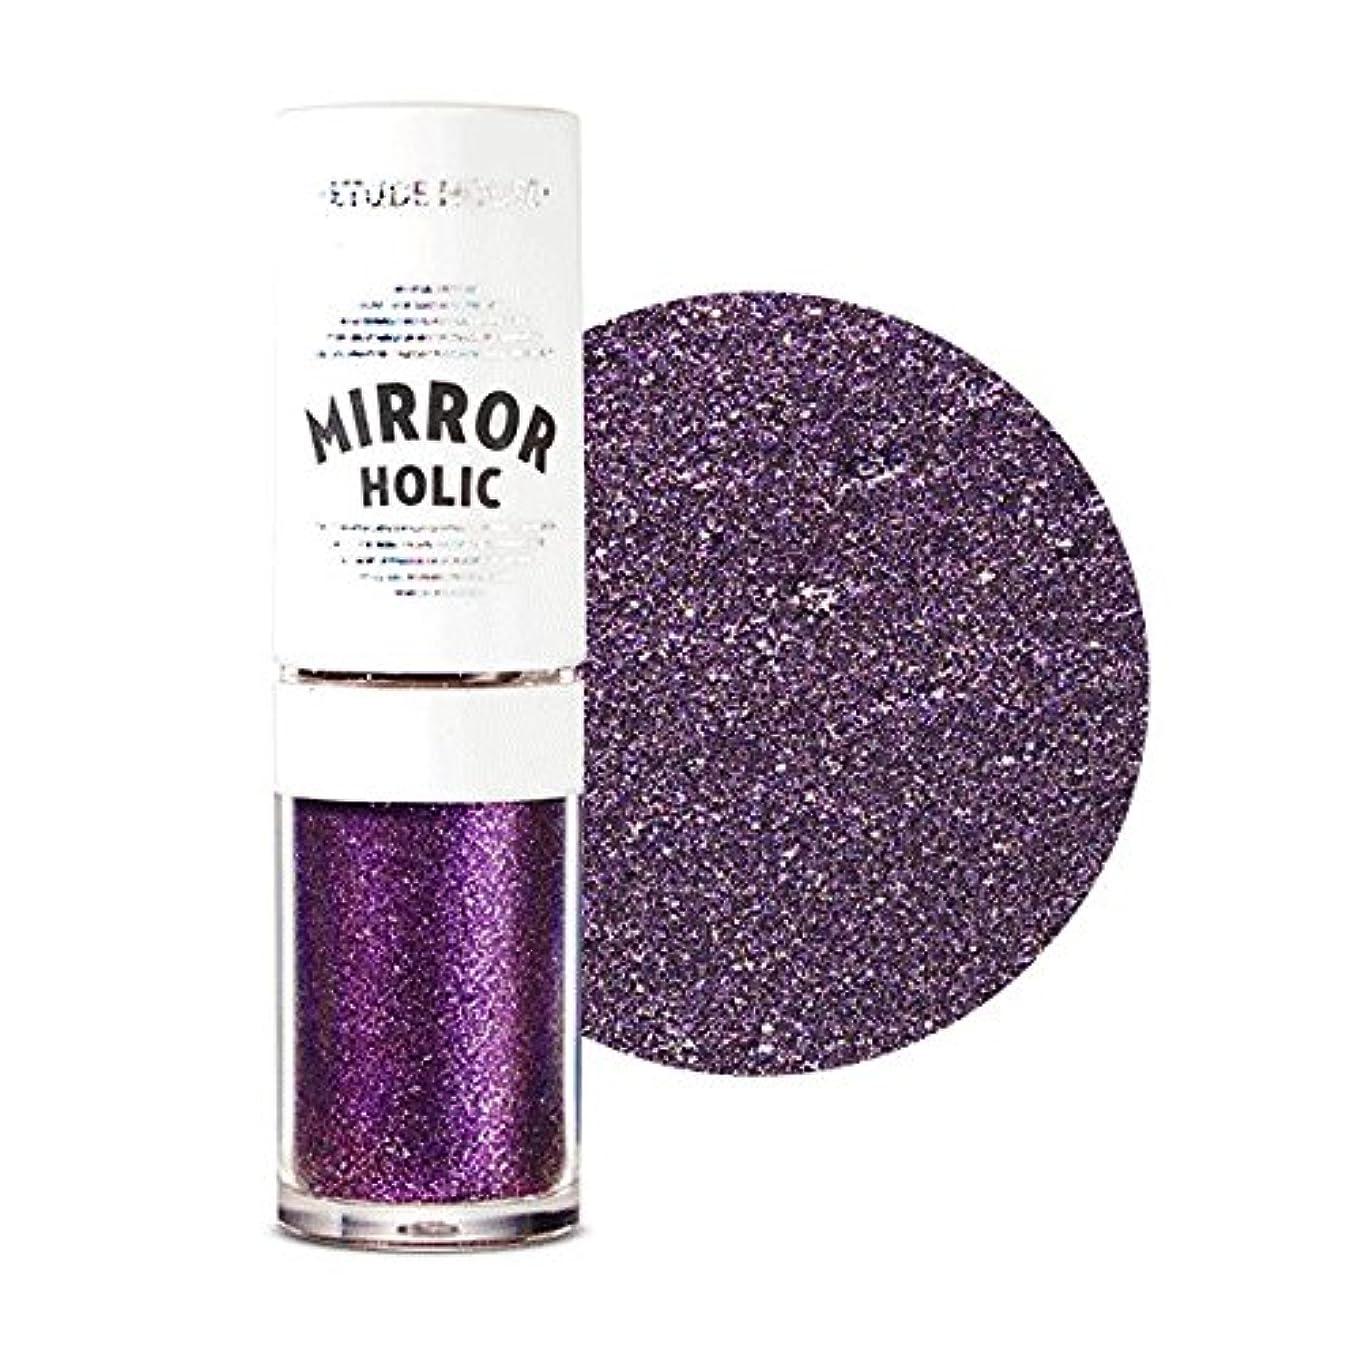 宿泊施設急ぐ角度ETUDE HOUSE Mirror Holic Liquid Eyes / エチュードハウス ミラーホリックリキッドアイズ ミラーホリックリキッドアイズ (PP501) [並行輸入品]